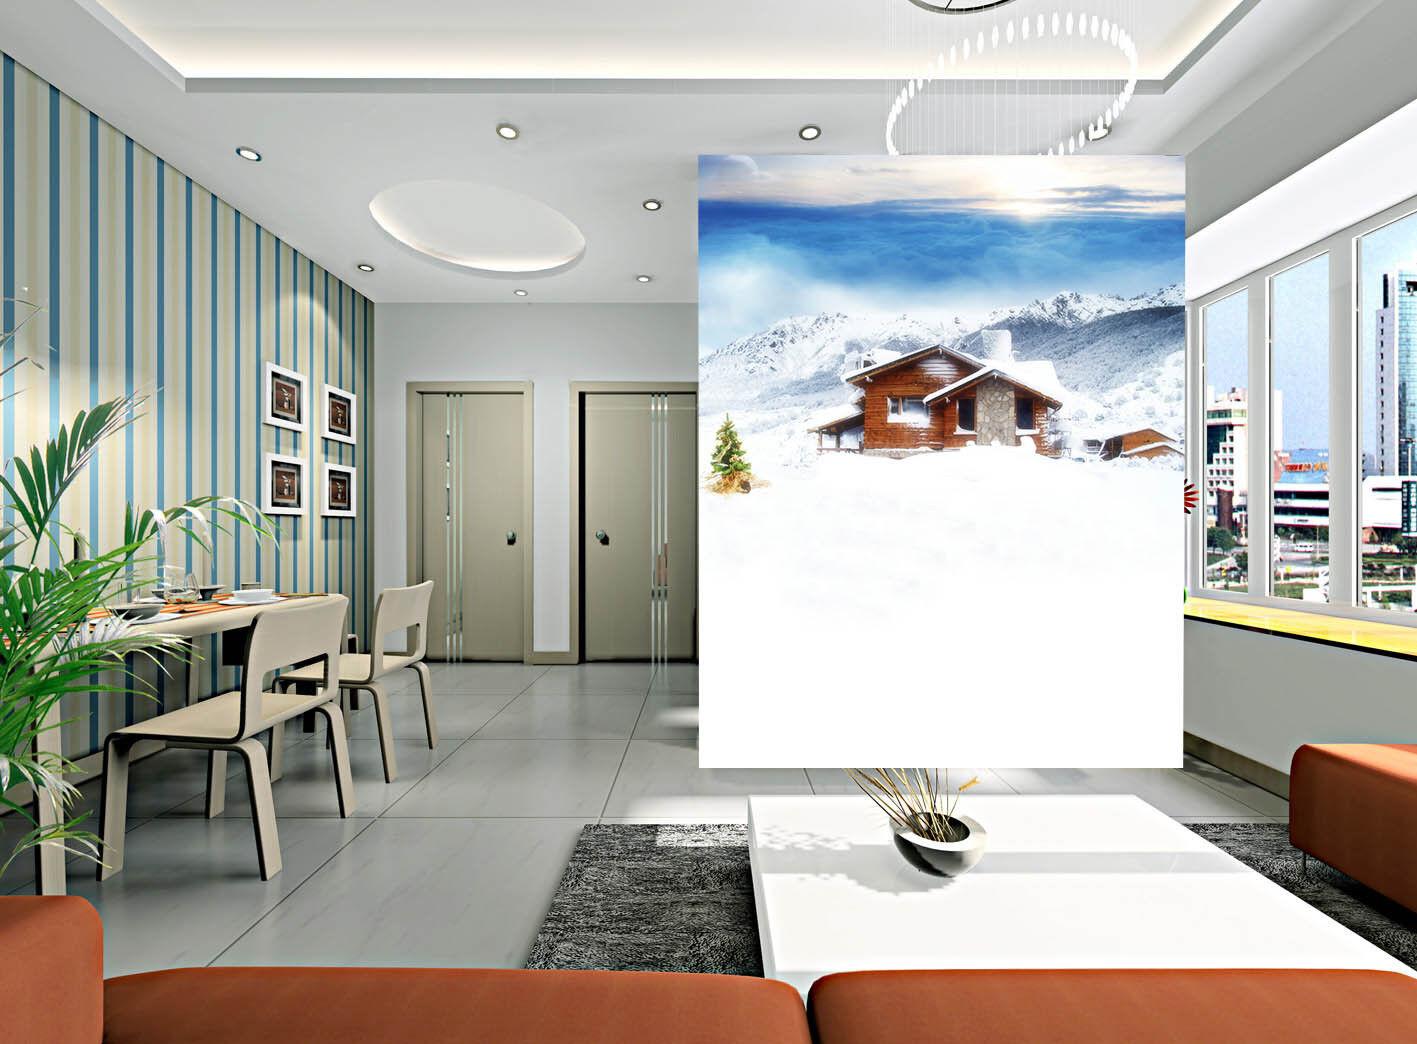 3D Weißer Schnee Haus 9 Tapete Wandgemälde Tapete Tapeten Bild Familie DE Summer | Nicht so teuer  | Wirtschaftlich und praktisch  | Speichern